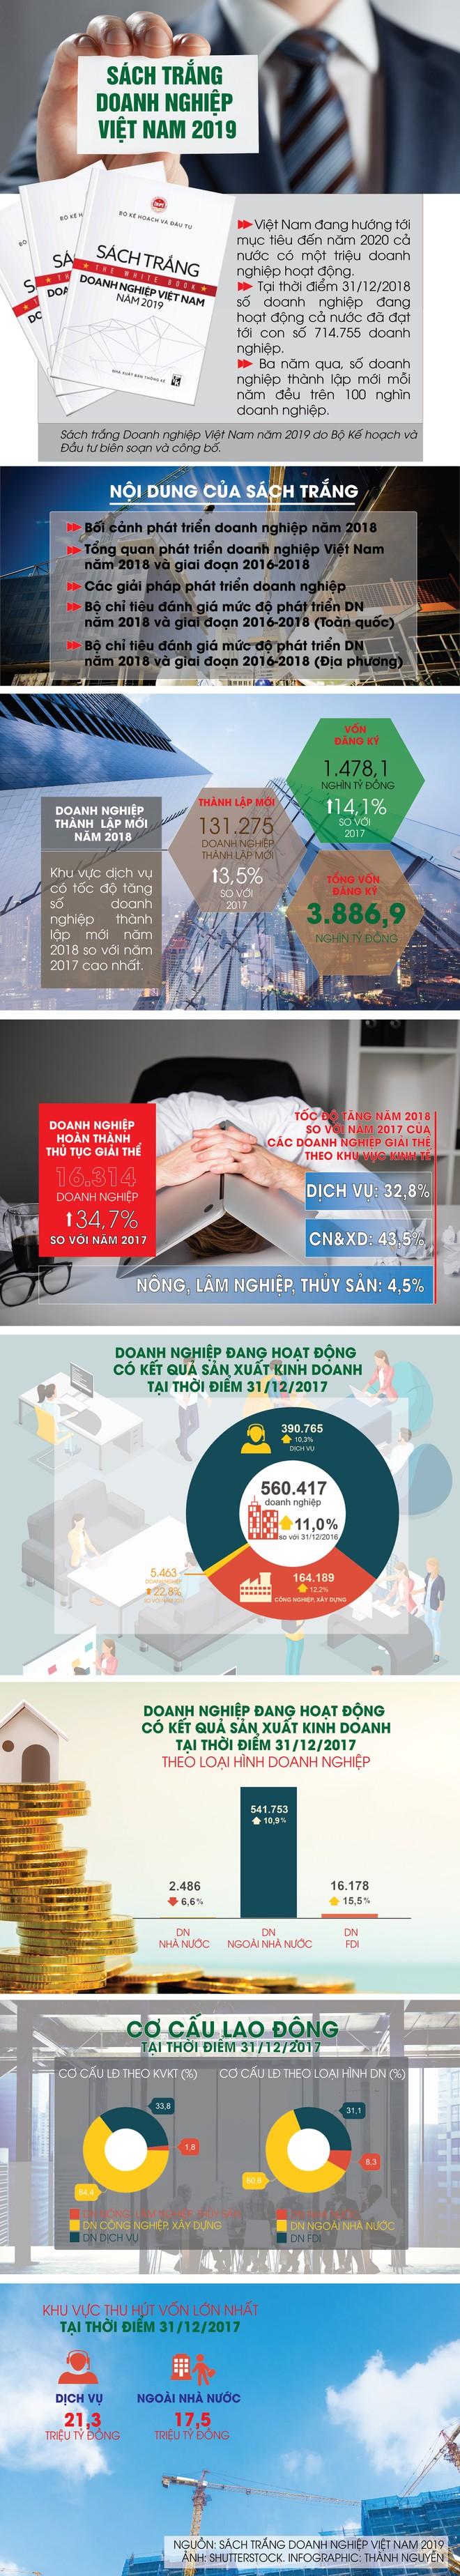 [InfoGraphic] Những nội dung quan trọng của Sách trắng Doanh nghiệp Việt Nam 2019 ảnh 1